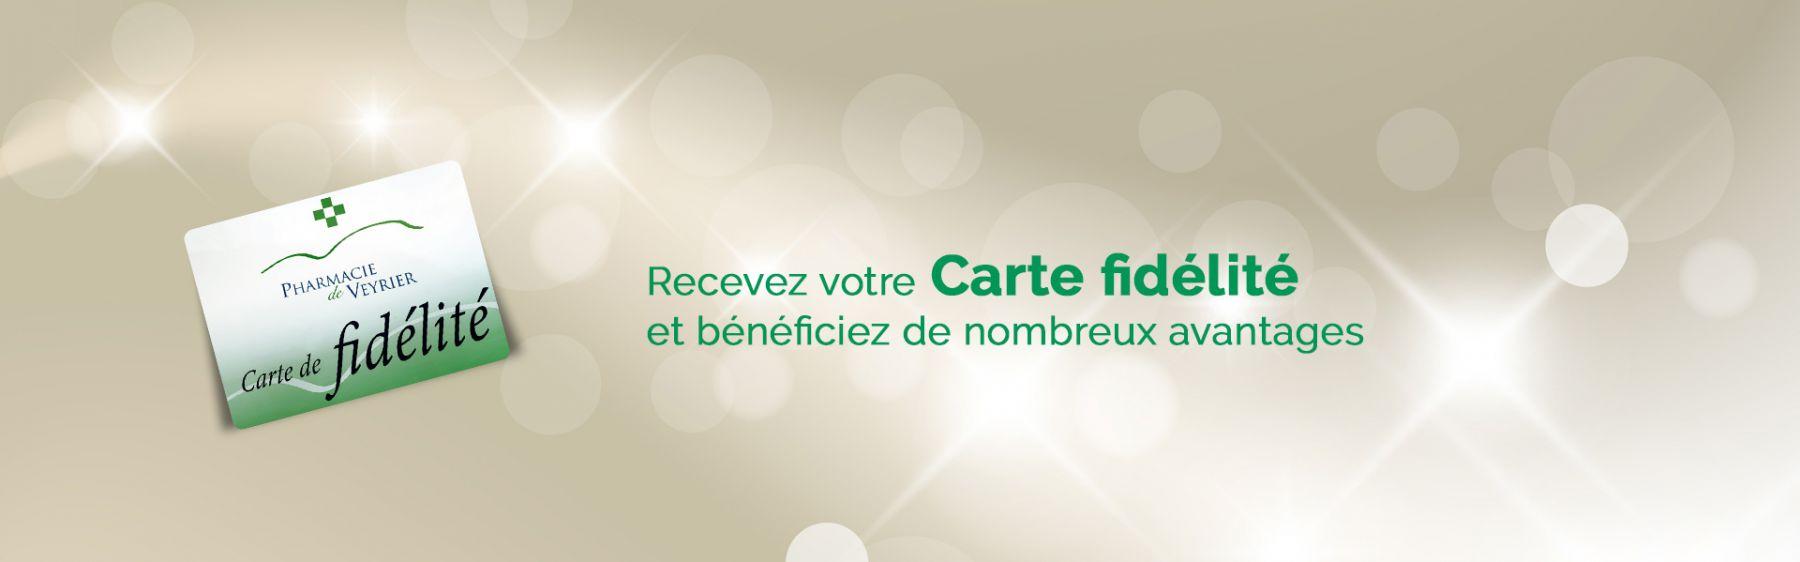 Pharmacie de Veyrier - Carte fidélité